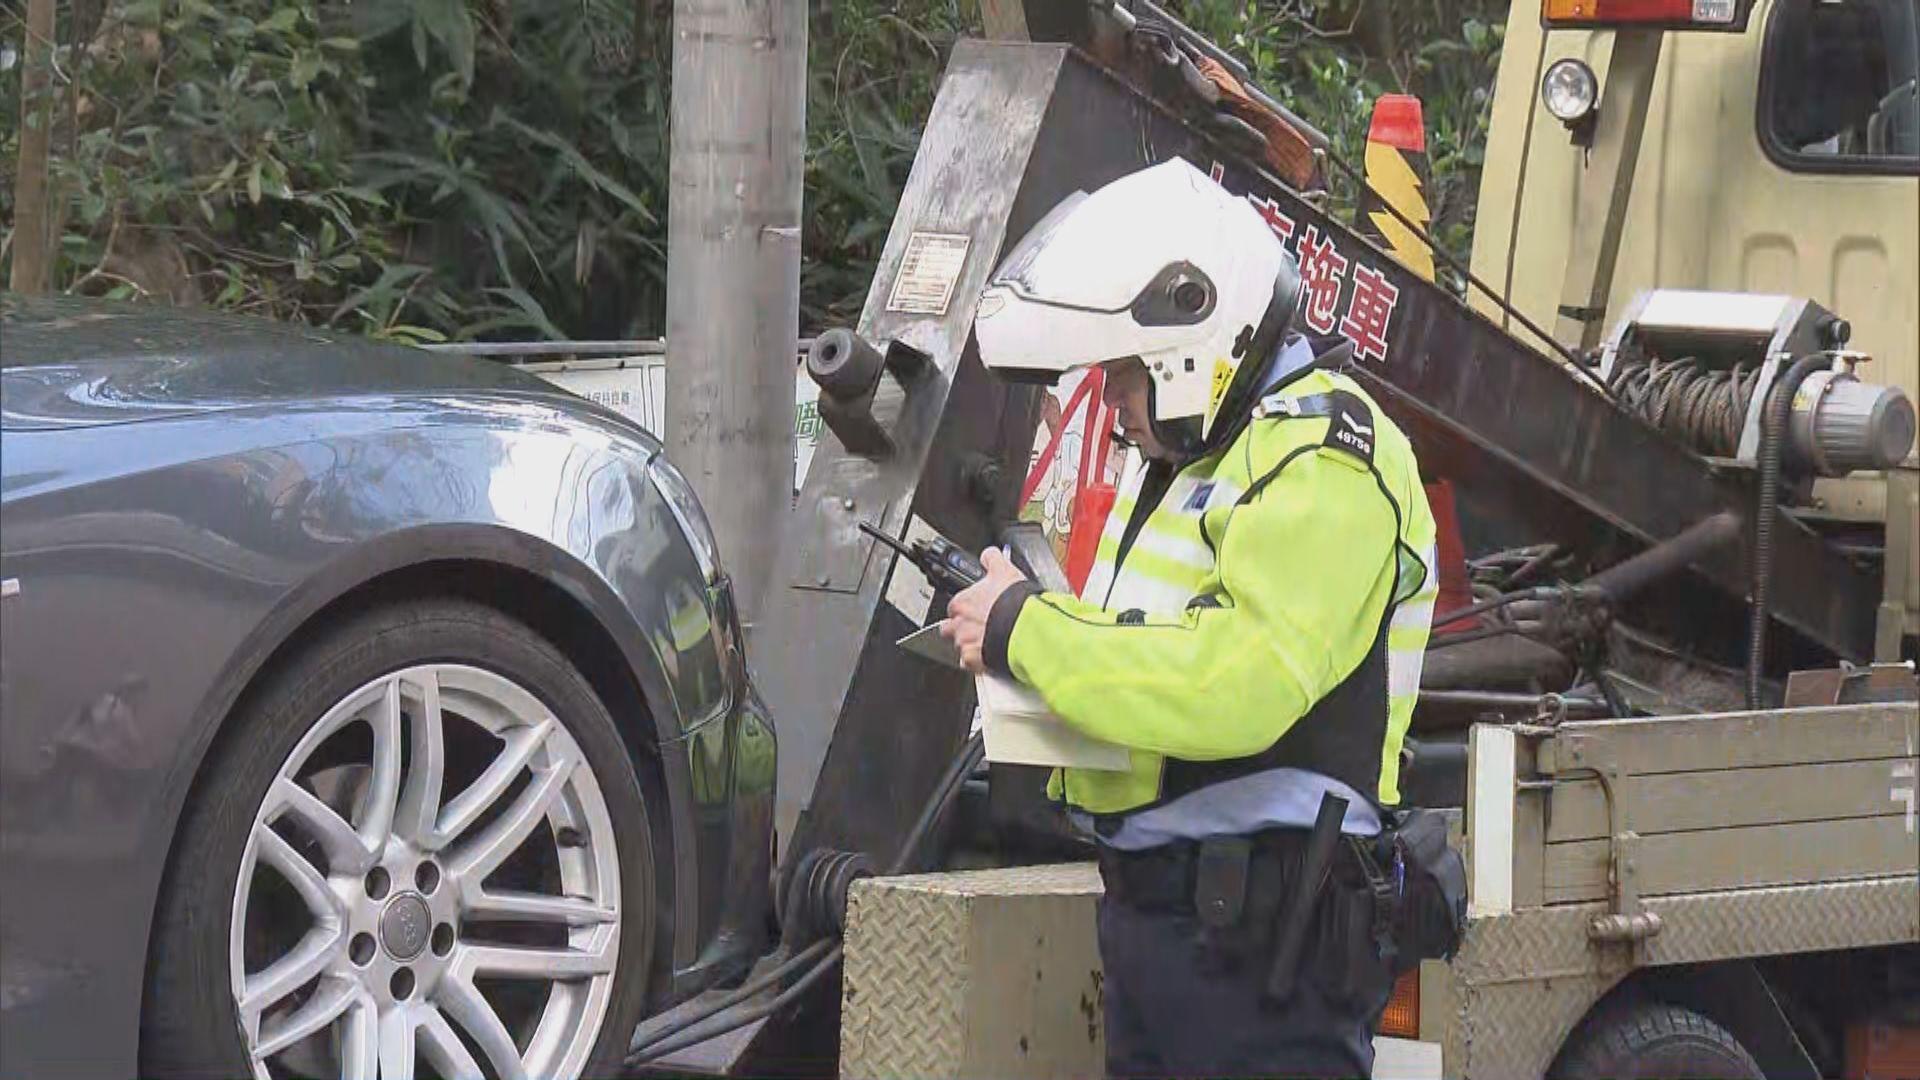 周末郊區違例泊車情況嚴重 警方指會加強執法